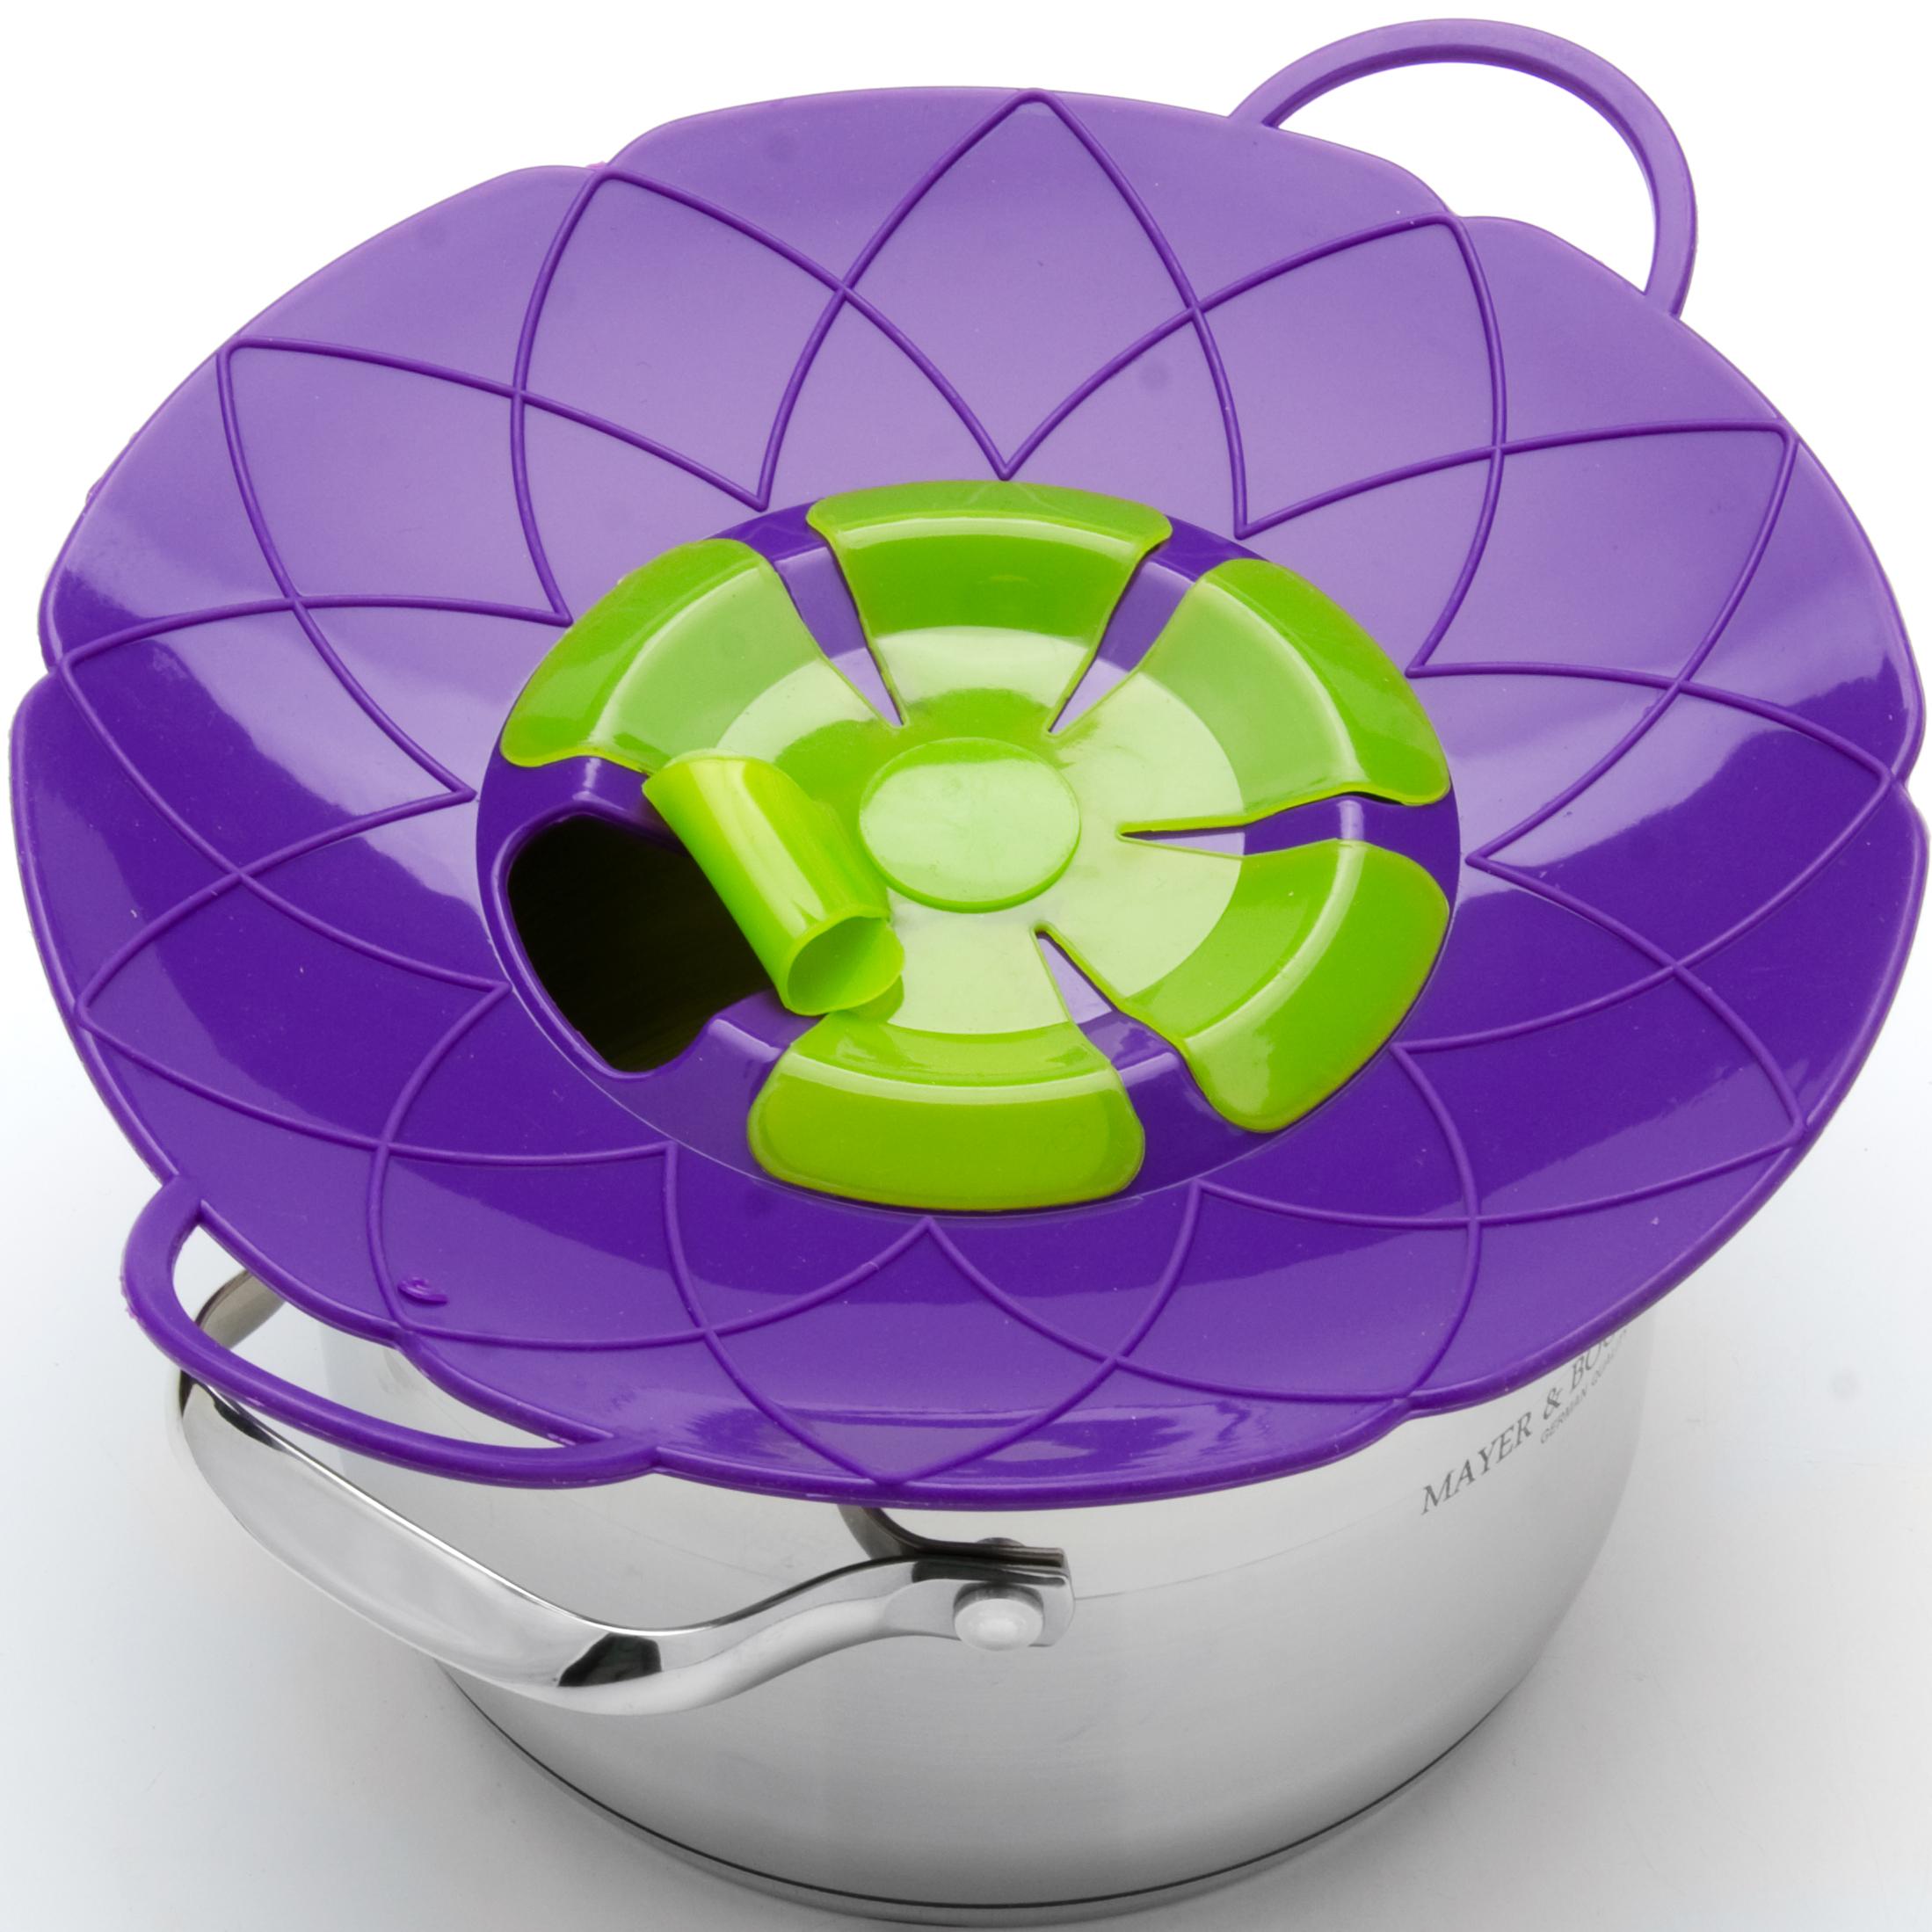 Крышка-невыкипайка Mayer & Boch, цвет: фиолетовый, зеленый, диаметр 25 см24256-4Крышка-невыкипайка Mayer & Boch изготовлена из термостойкого силикона высокого качества, поэтому не теряет формы при воздействии высоких температур. Подходит для посуды диаметром 15-25 см. Изделие предотвращает выкипание, защищает мебель и плиту от брызг масла при жарке продуктов, следовательно, ваша кухня всегда будет в чистоте. Крышку также можно использовать для приготовления пищи на пару. Можно мыть в посудомоечной машине, использовать в СВЧ и в холодильнике. При хранении в прохладных местах крышка обеспечит свежесть продуктов. При использовании крышки в микроволновой печи масло не разбрызгивается.